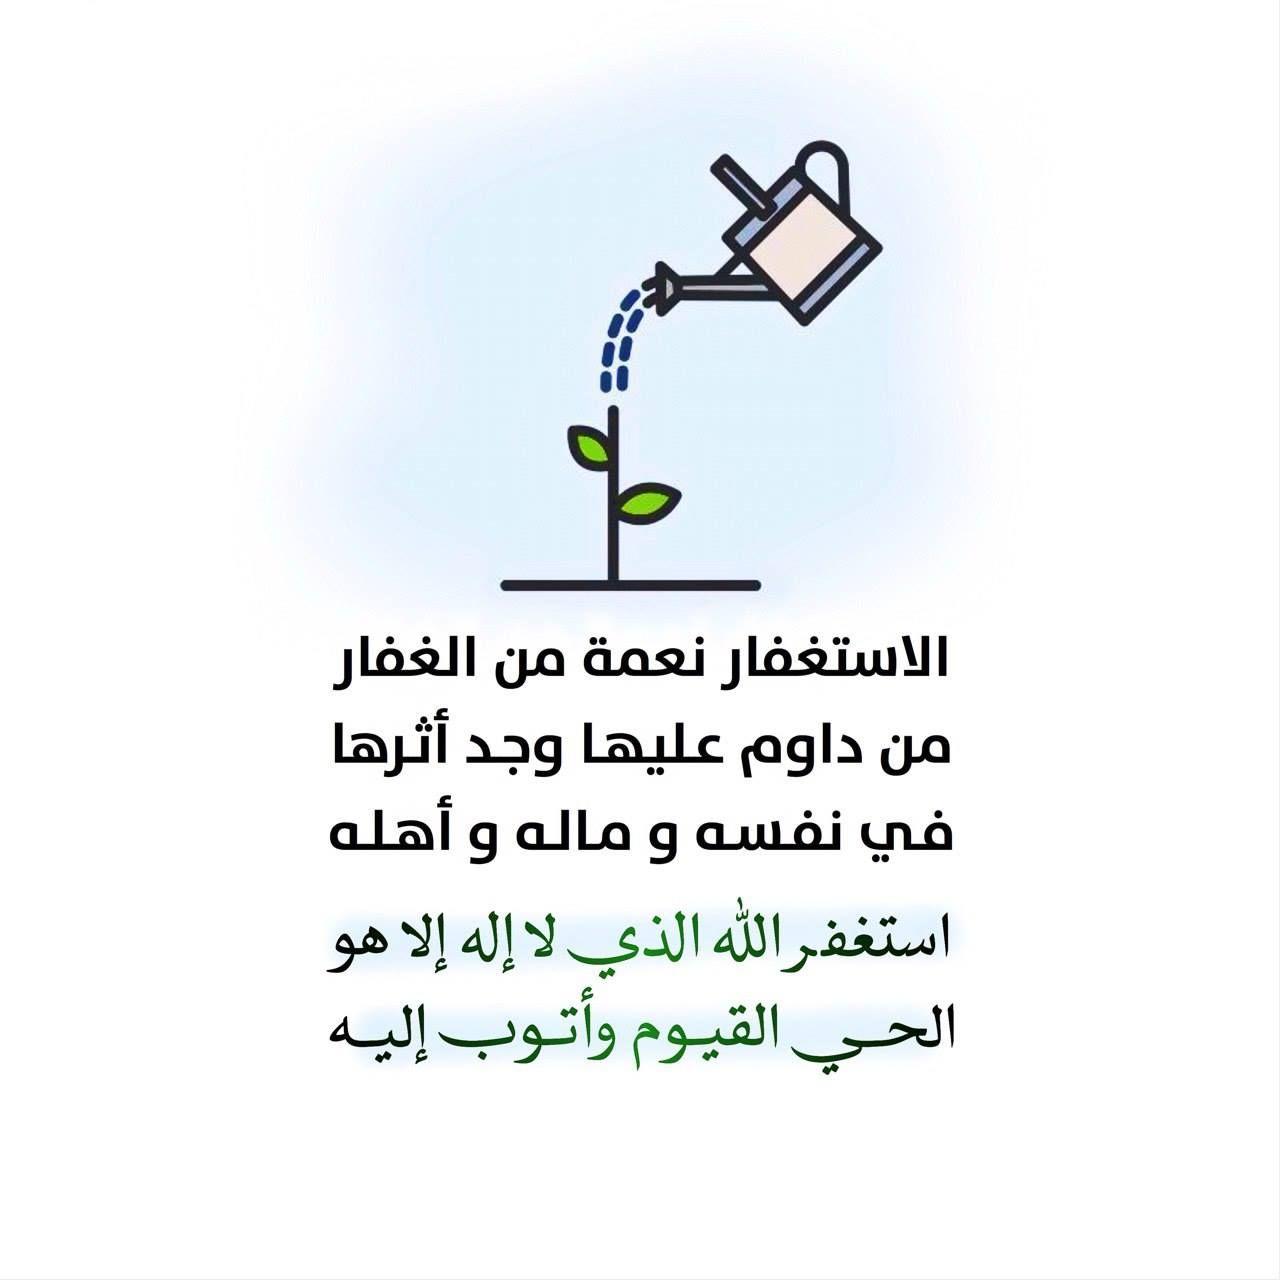 الاستغفار نعمة من الغفار Words Quotes Words Islamic Quotes